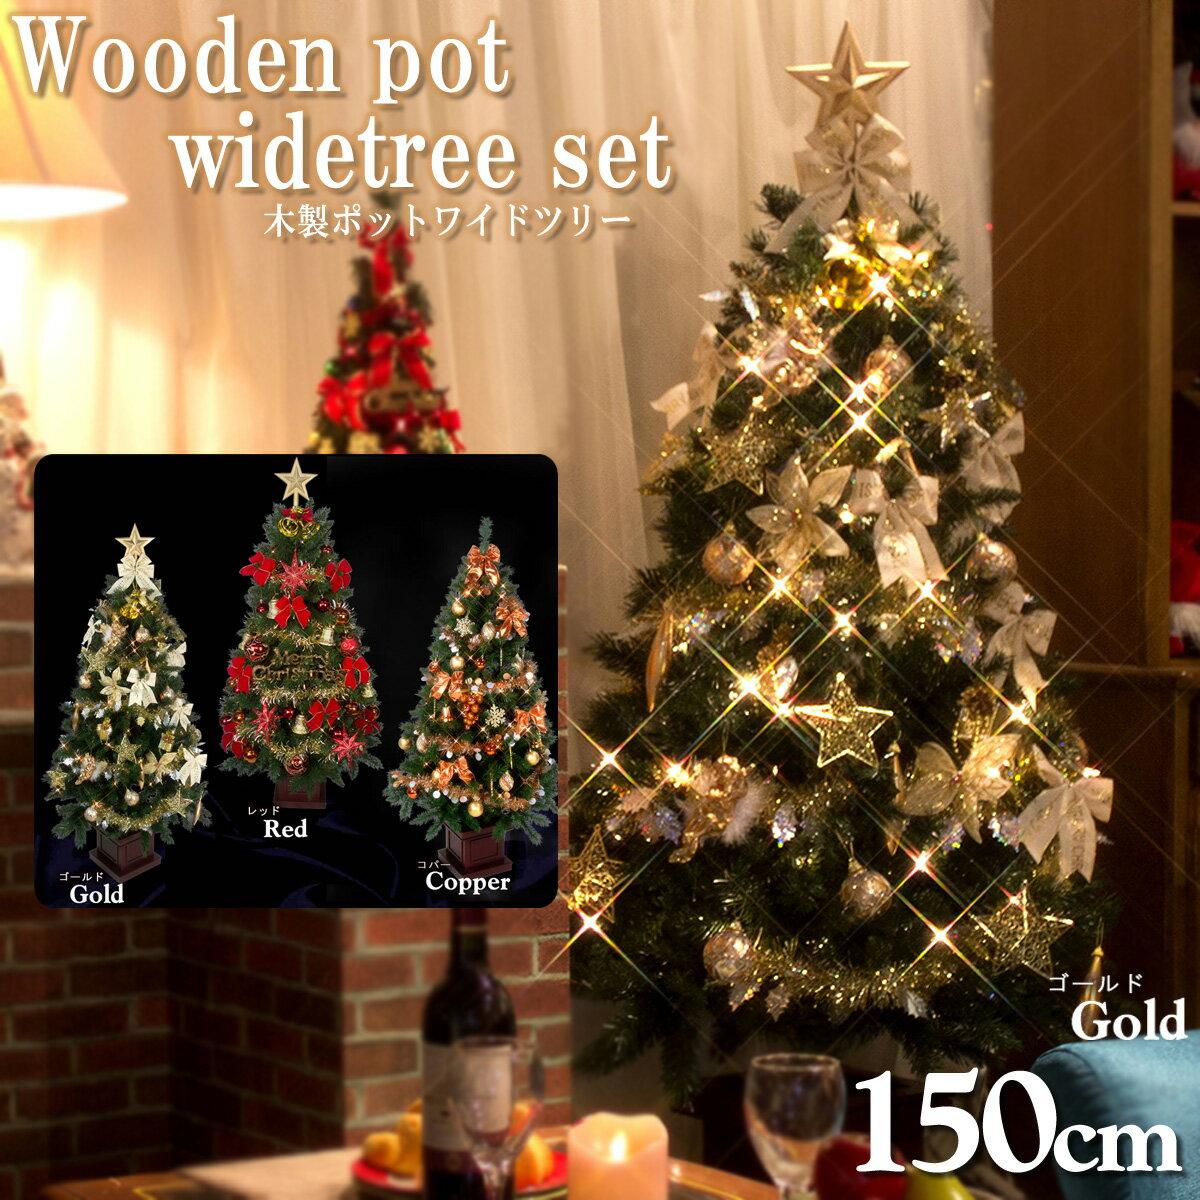 クリスマスツリーセット 150cm タイプは3色あり 木製ポット ワイドツリー LEDライト付 オーナメントセット付き 【S】